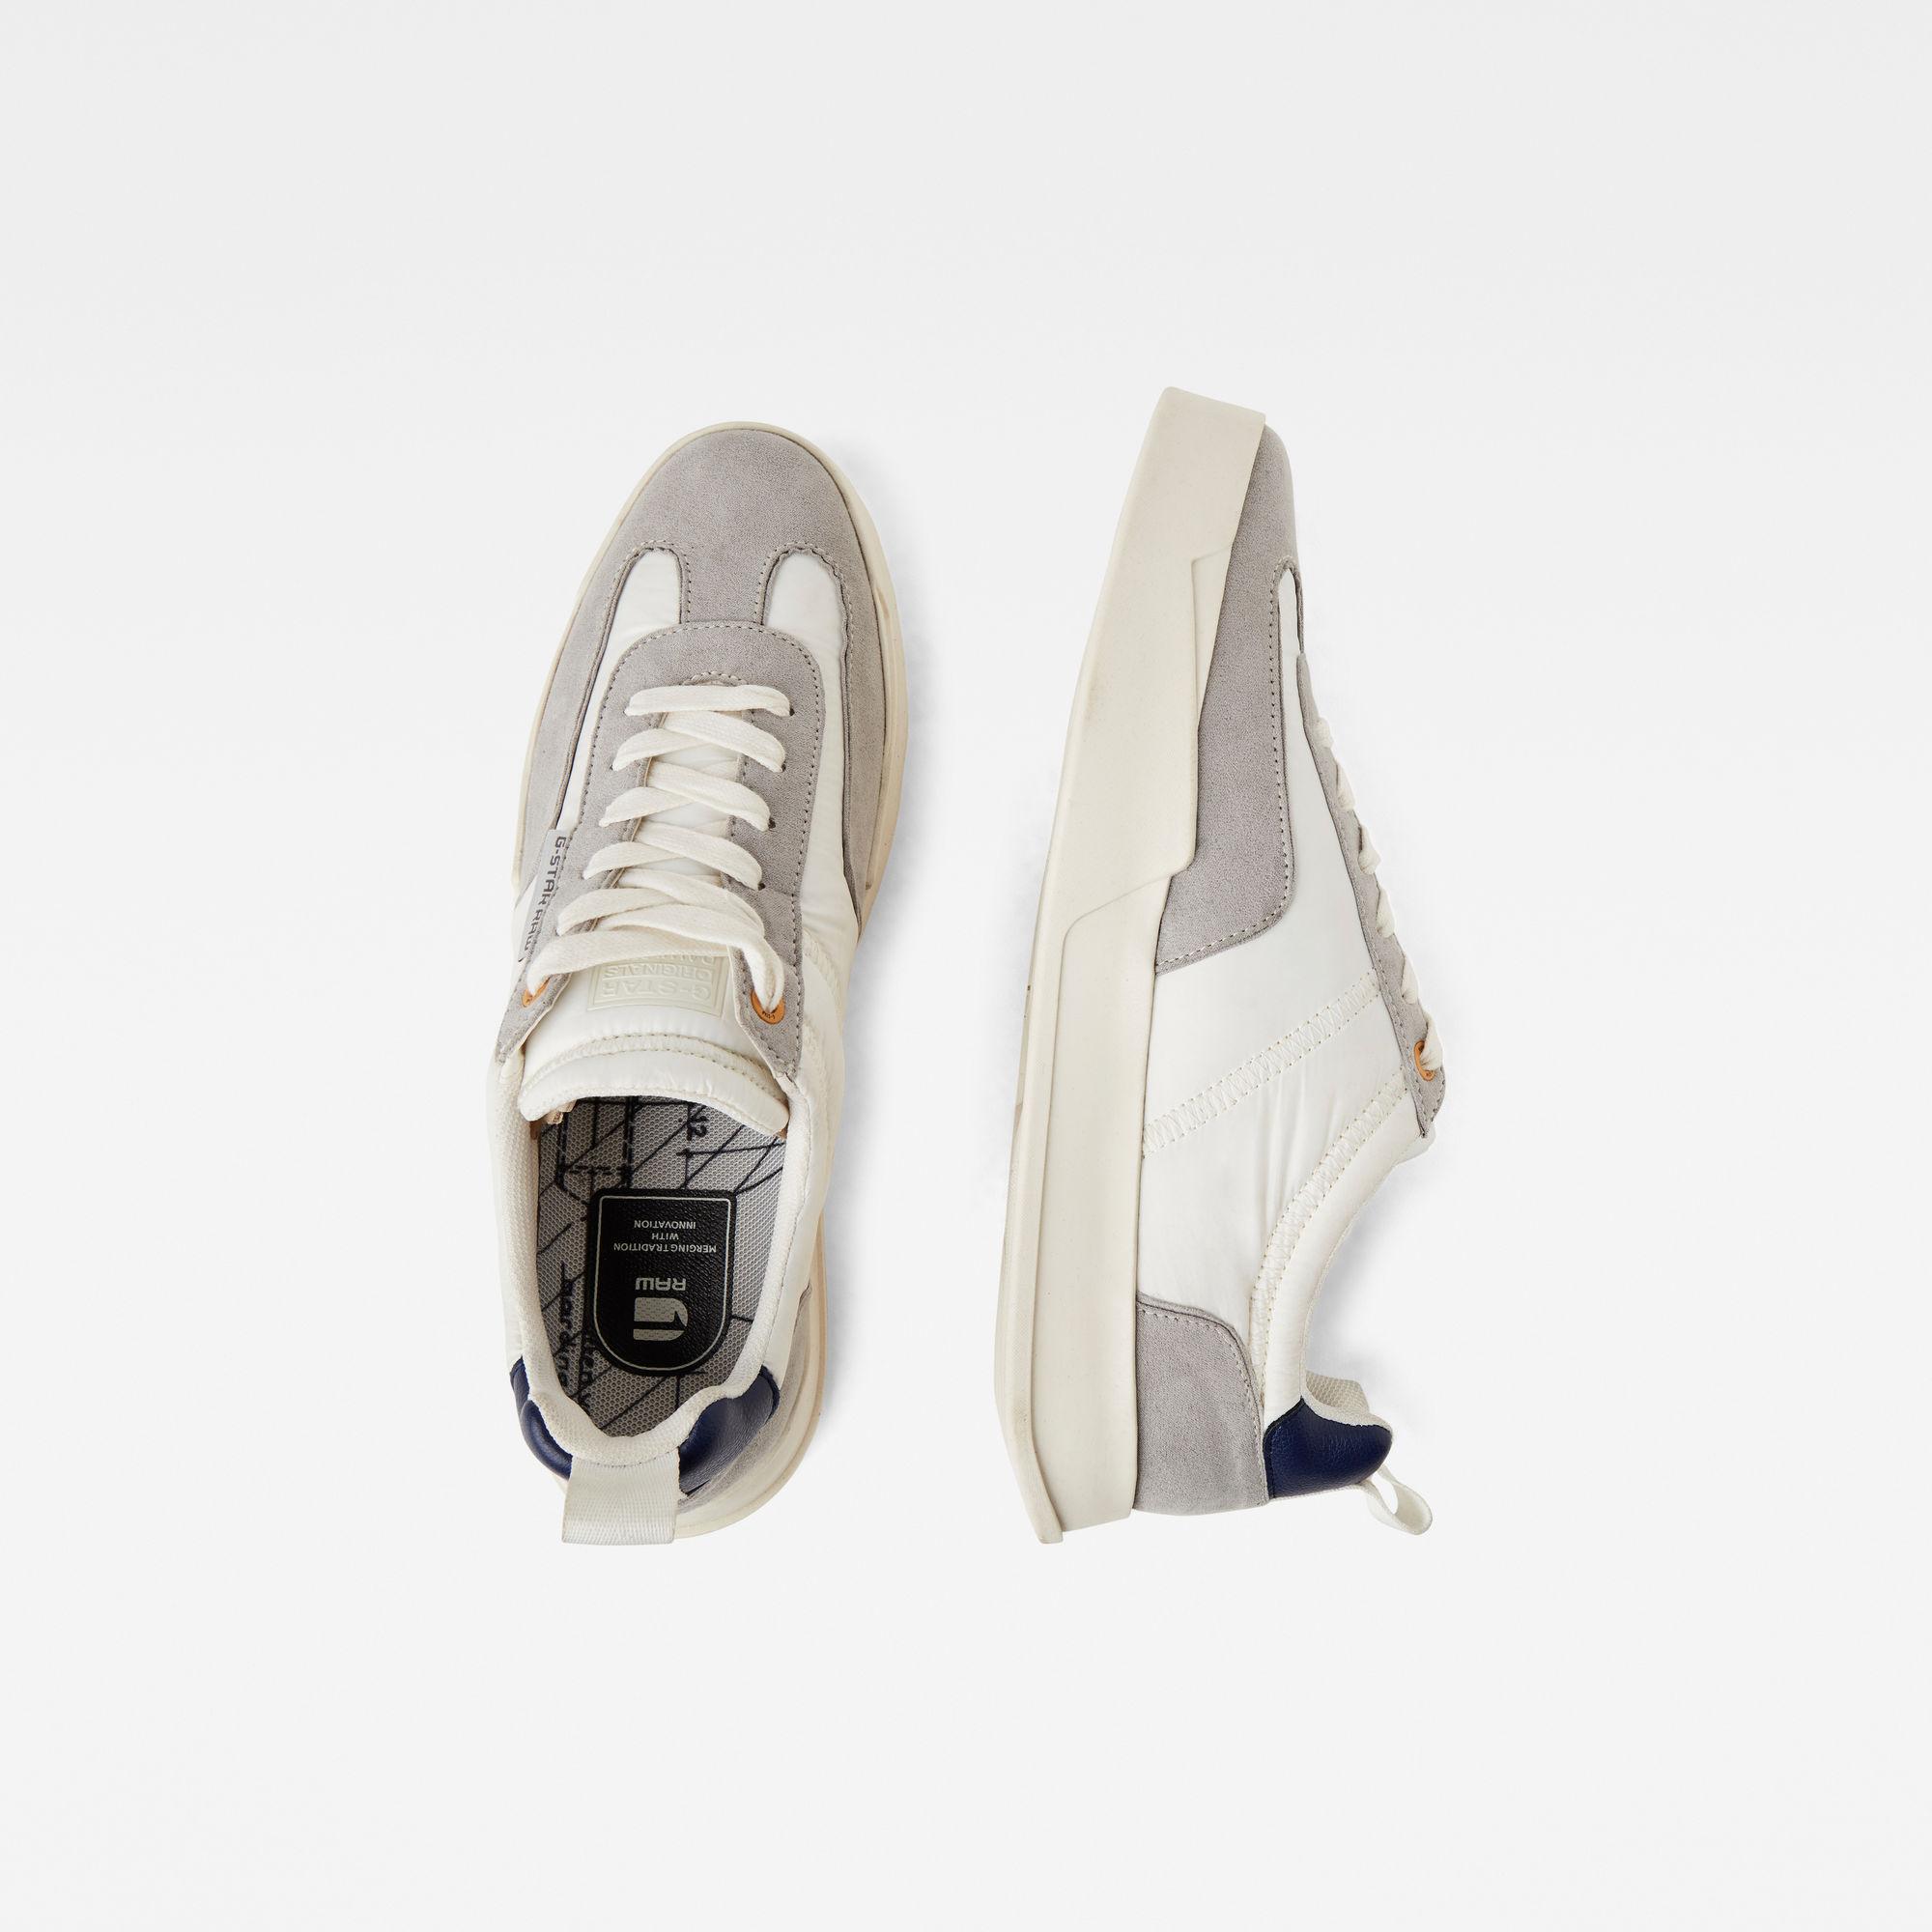 Rackam Dommic II Sneakers